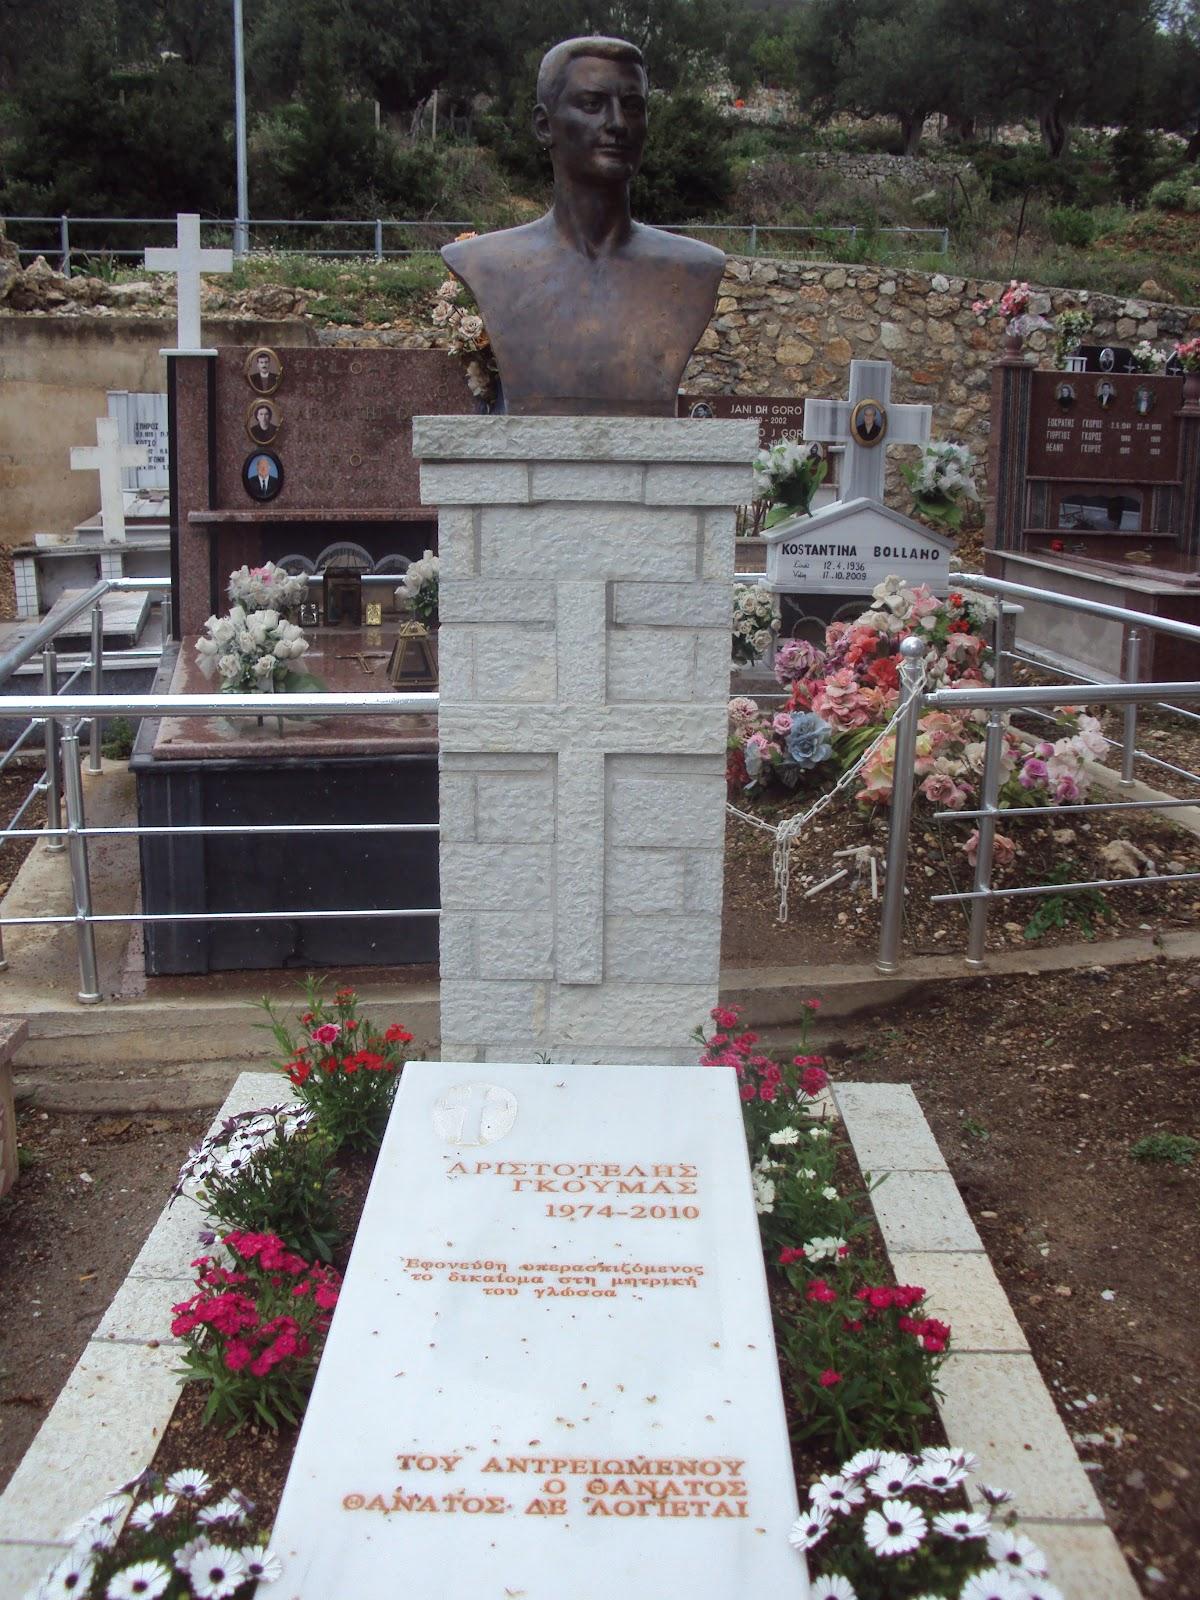 Η προτομή του εθνομάρτυρα Αριστοτέλη Γκούμα στο νεκροταφείο της Χιμάρας